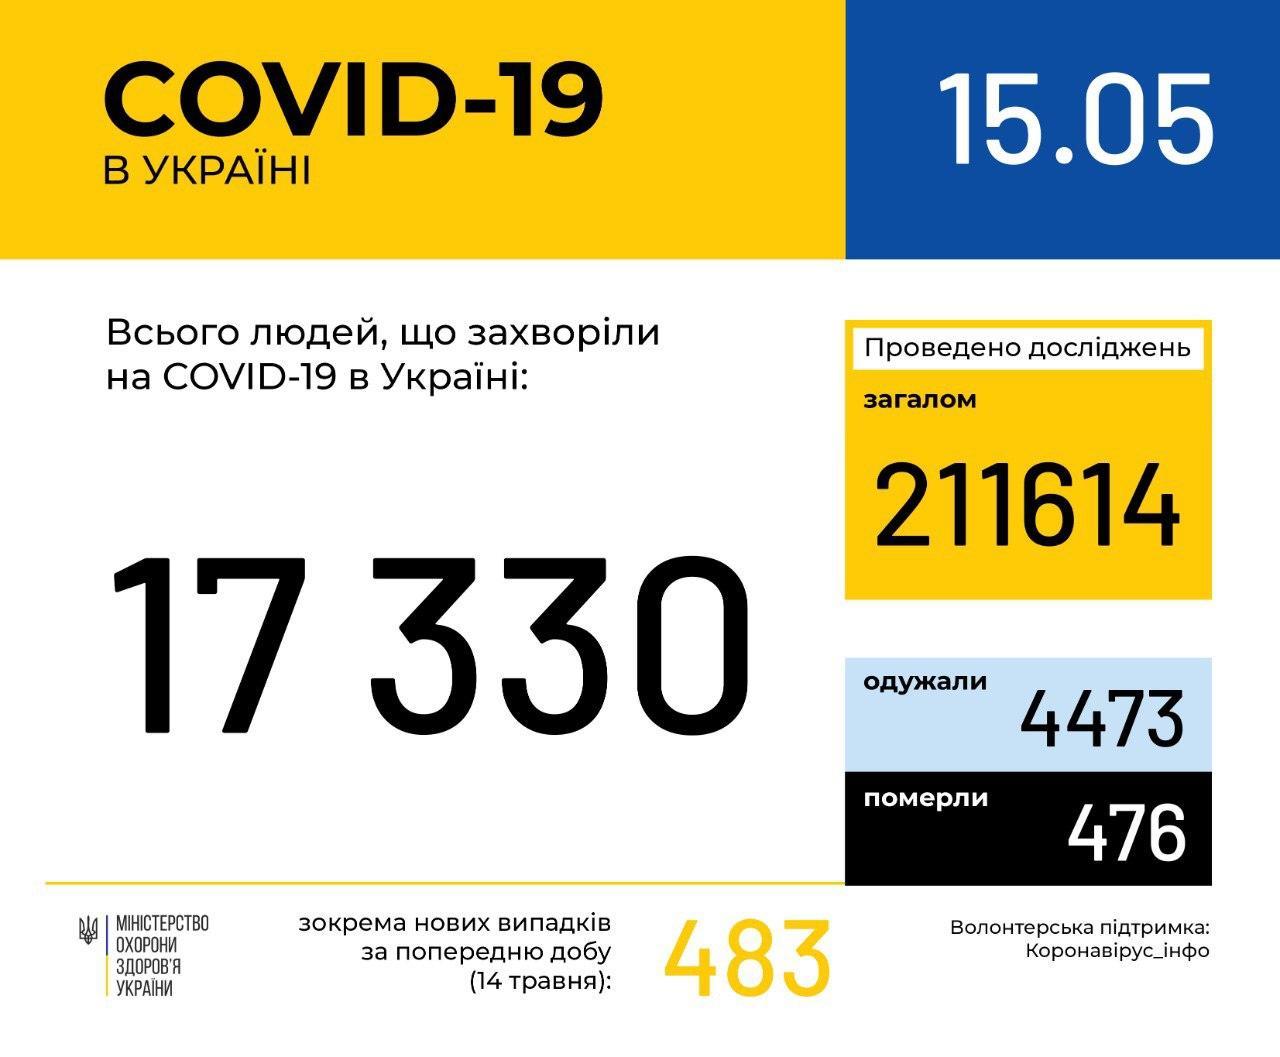 В Україні підтвердили вже 17330 випадків COVID-19, за добу – 483